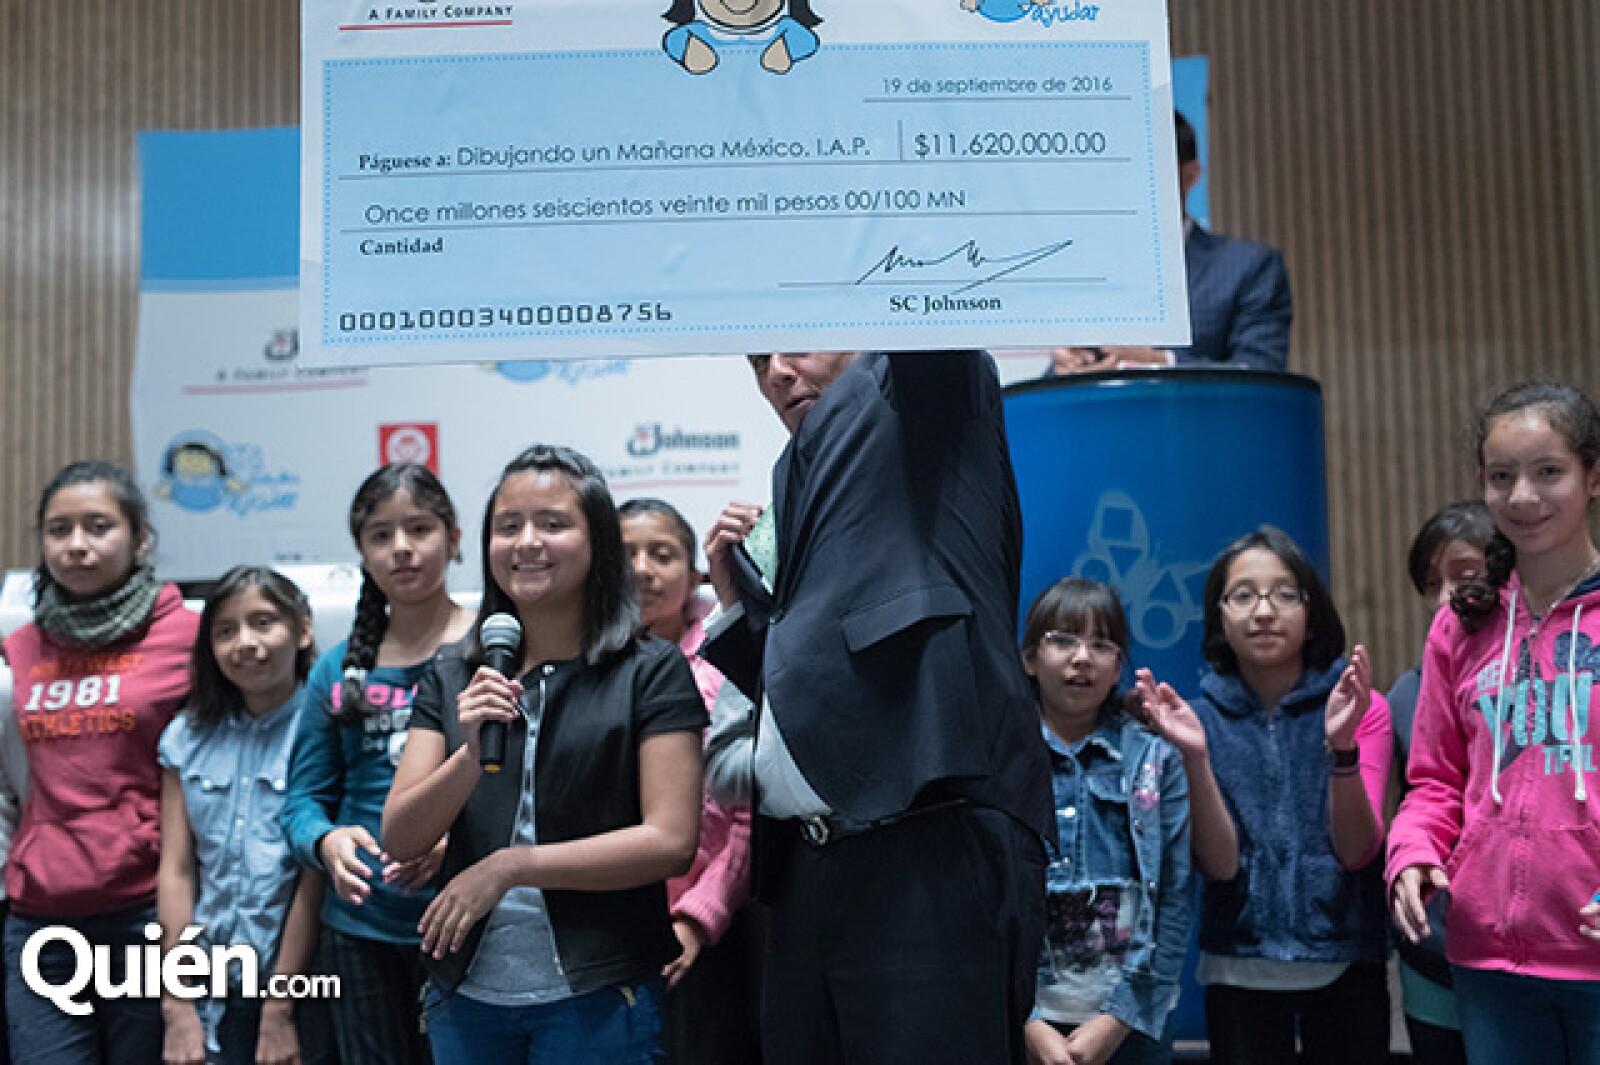 Entrega de cheque a Fundación Dibujando un Mañana A.C.